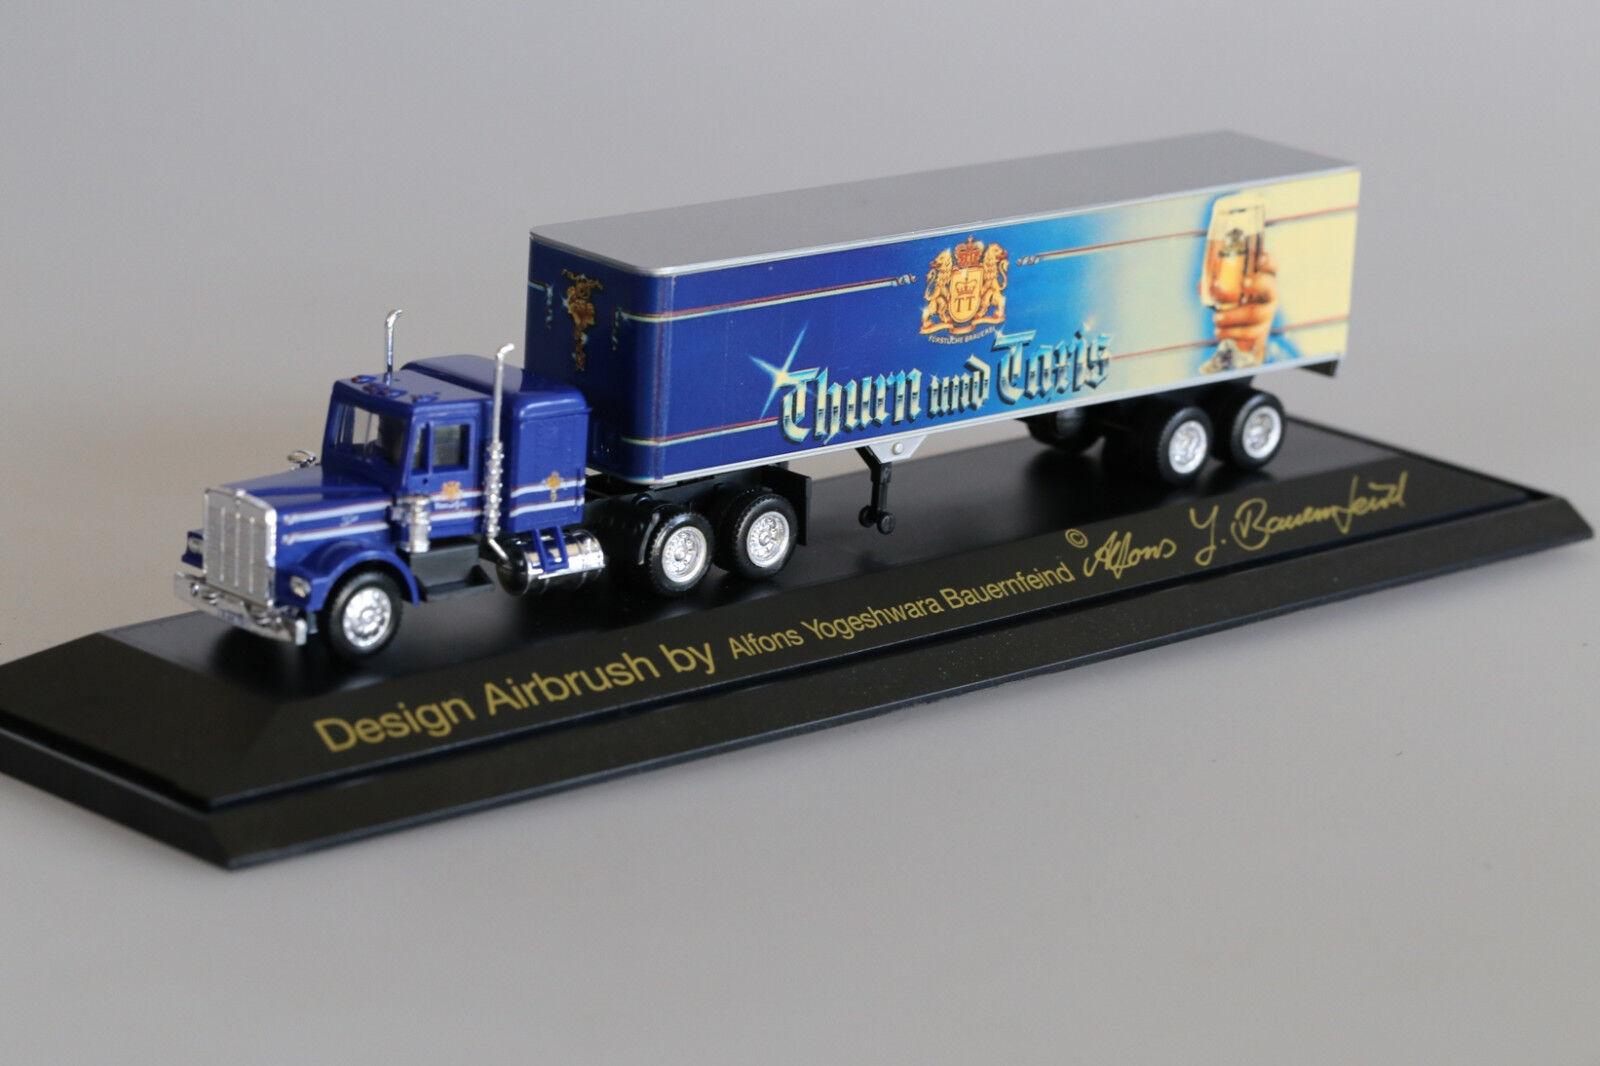 Herpa 164 214-serie especial  Thurn & taxis , kennworth Truck-nuevo en el embalaje original